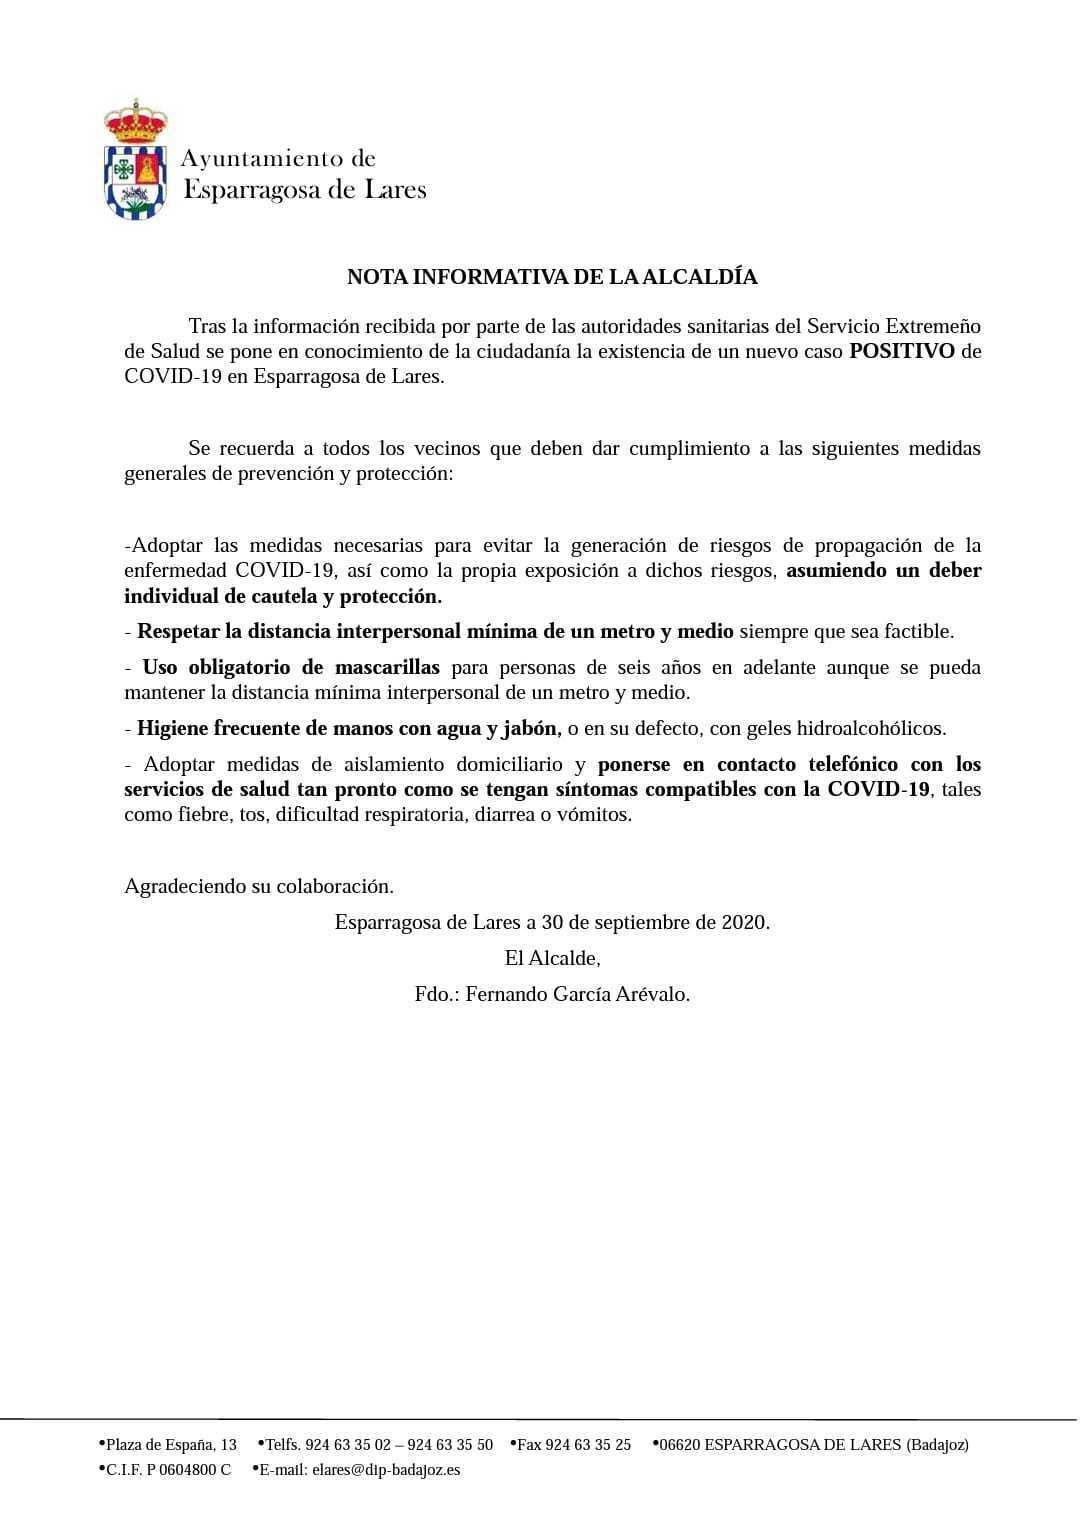 Nuevo caso de COVID-19 (septiembre 2020) - Esparragosa de Lares (Badajoz)